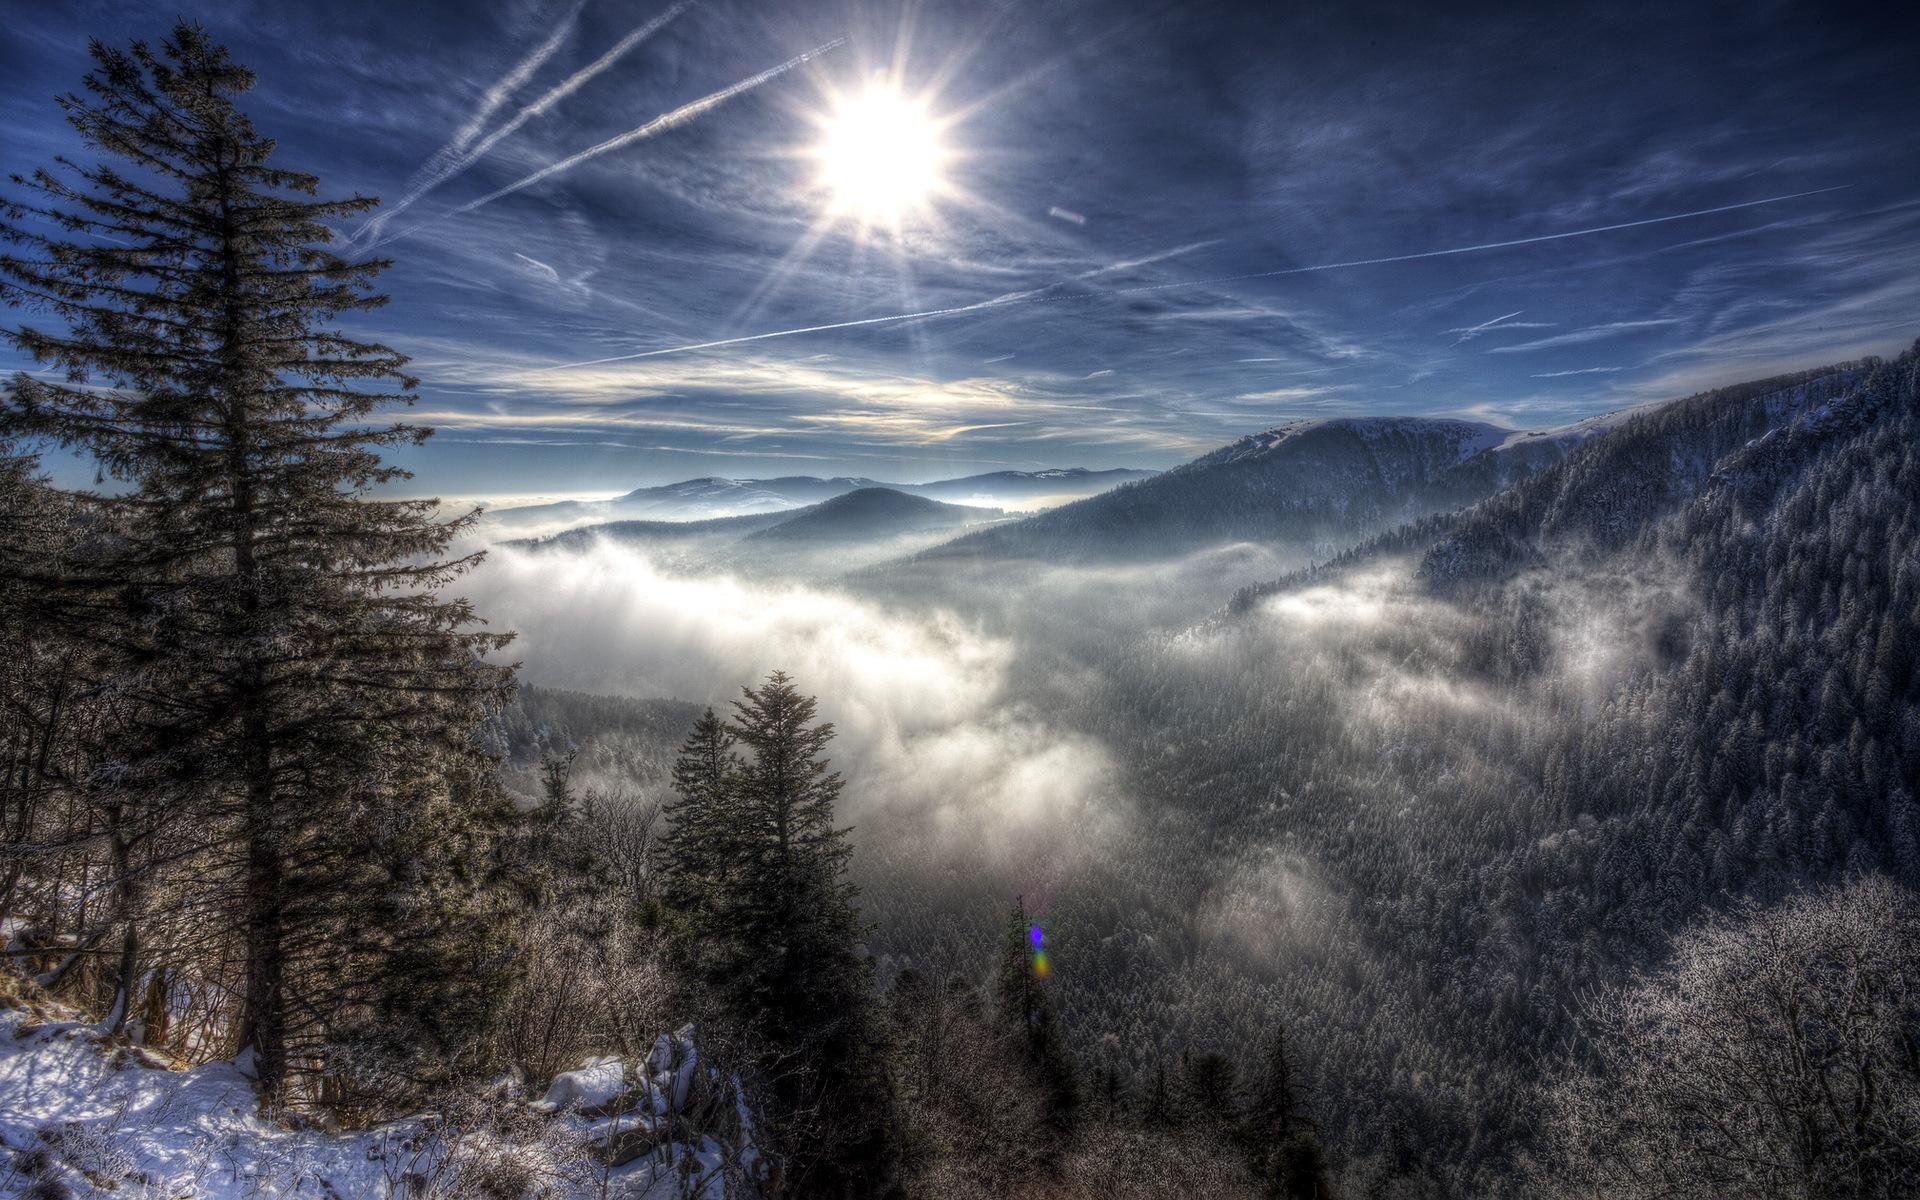 winter mountain wallpaper - HD Desktop Wallpapers | 4k HD